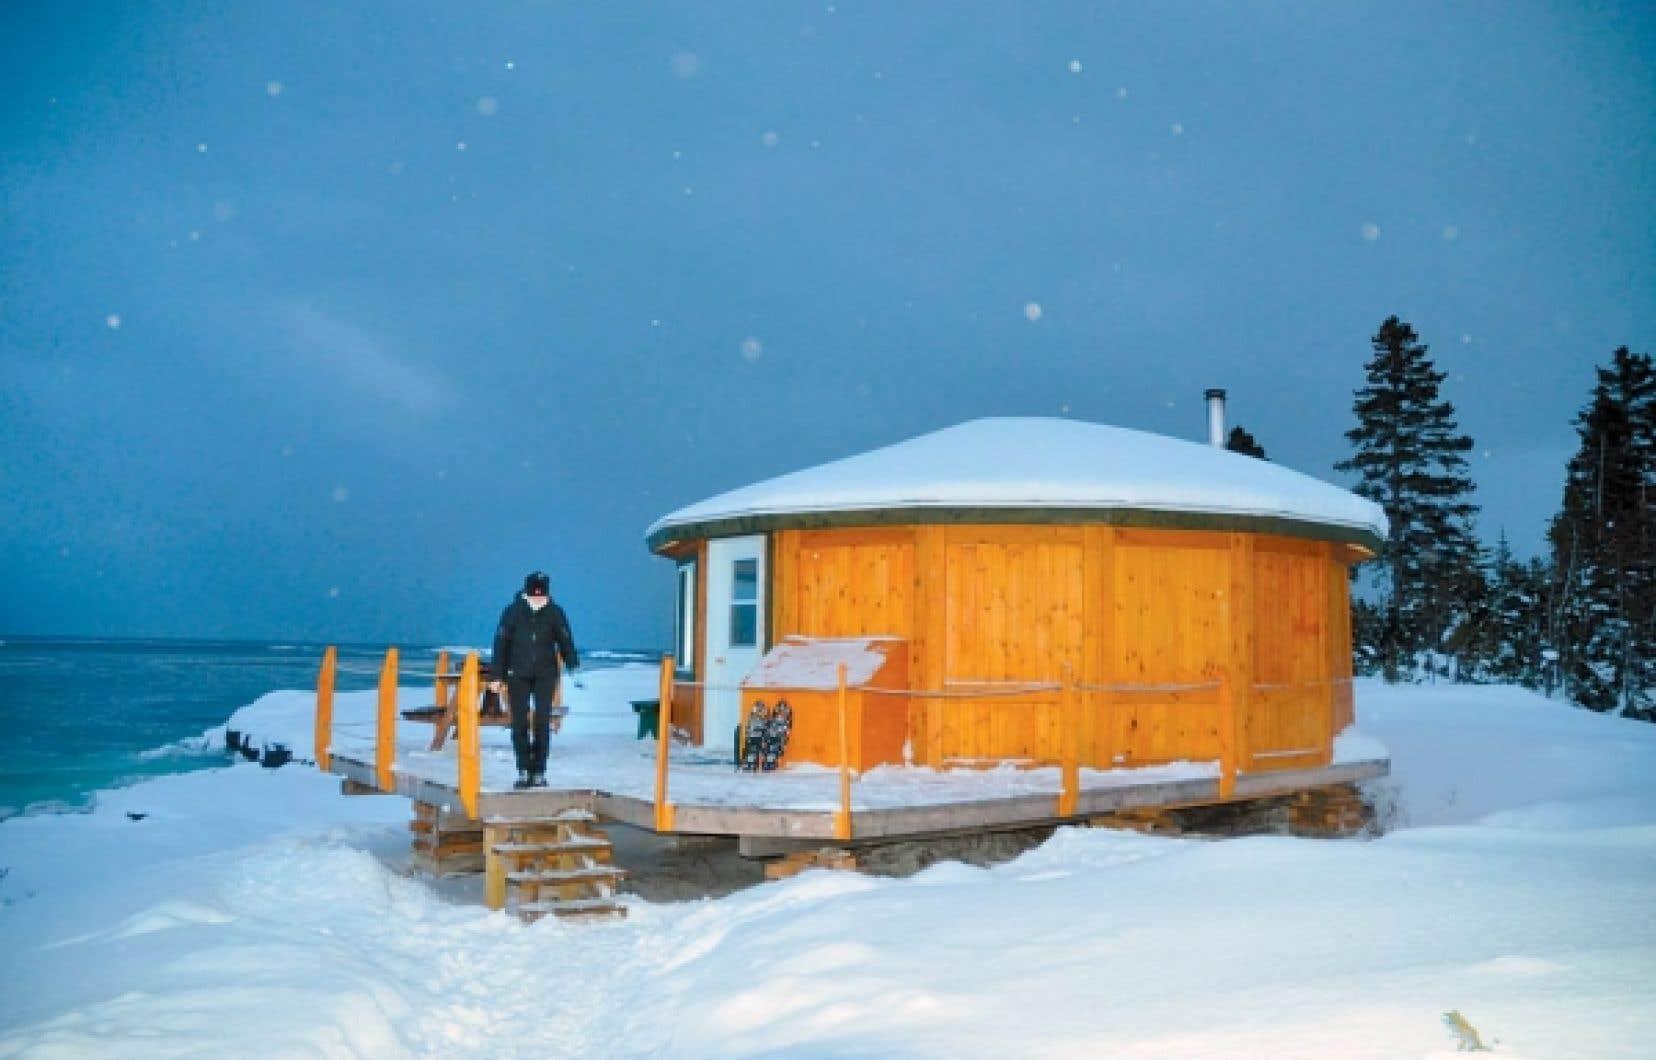 Une yourte située à 90 minutes en raquettes de la base de plein air Les Goélands, à Port-Cartier. En bas, à gauche, la baie de la Goélette et, à droite, des traîneaux à chiens à la base de plein air.<br />